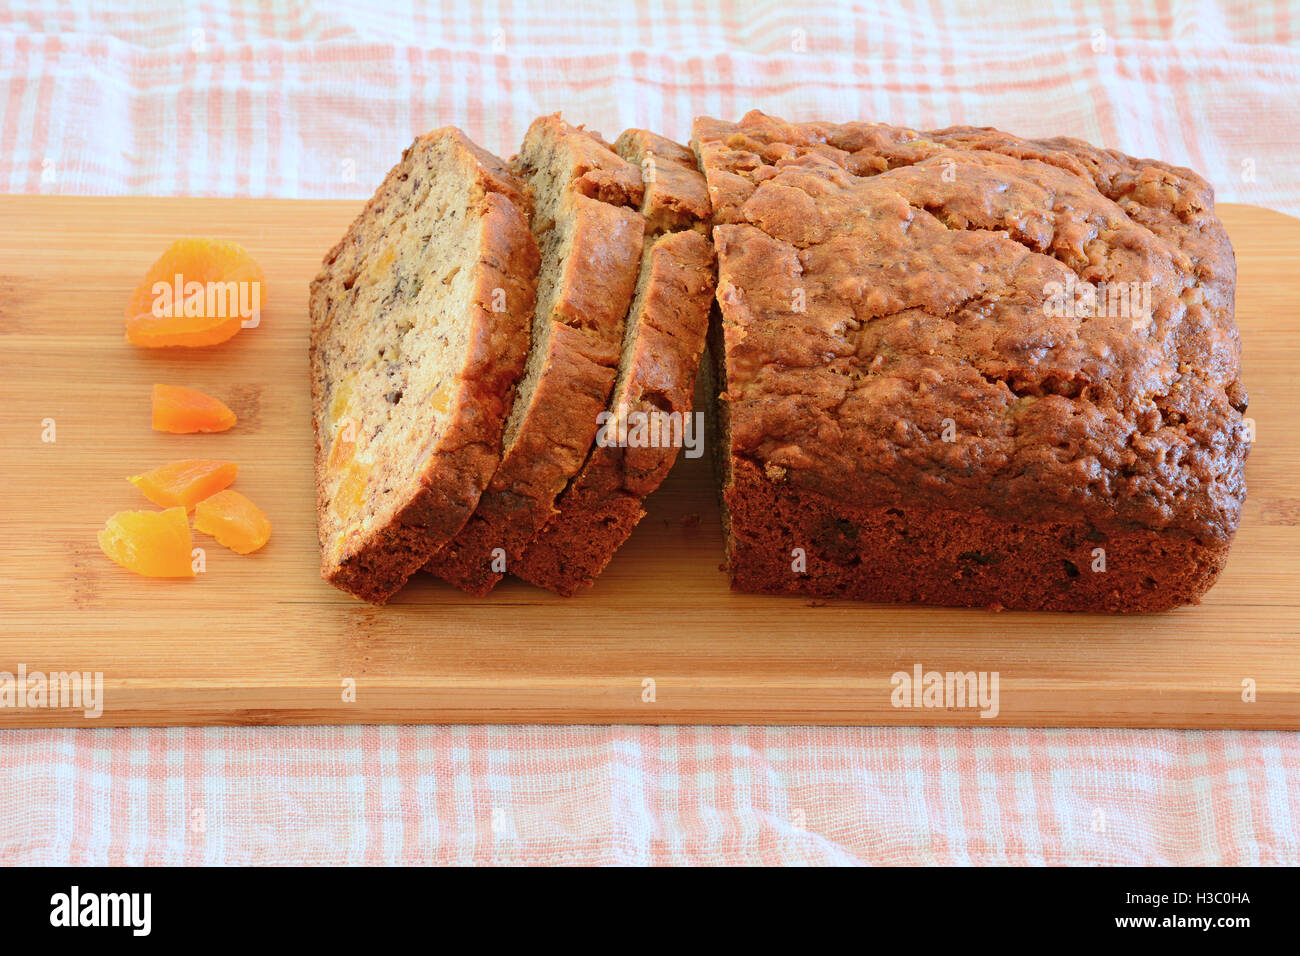 Recién horneados pan de banana con dulce de albaricoque piezas en formato horizontal Imagen De Stock